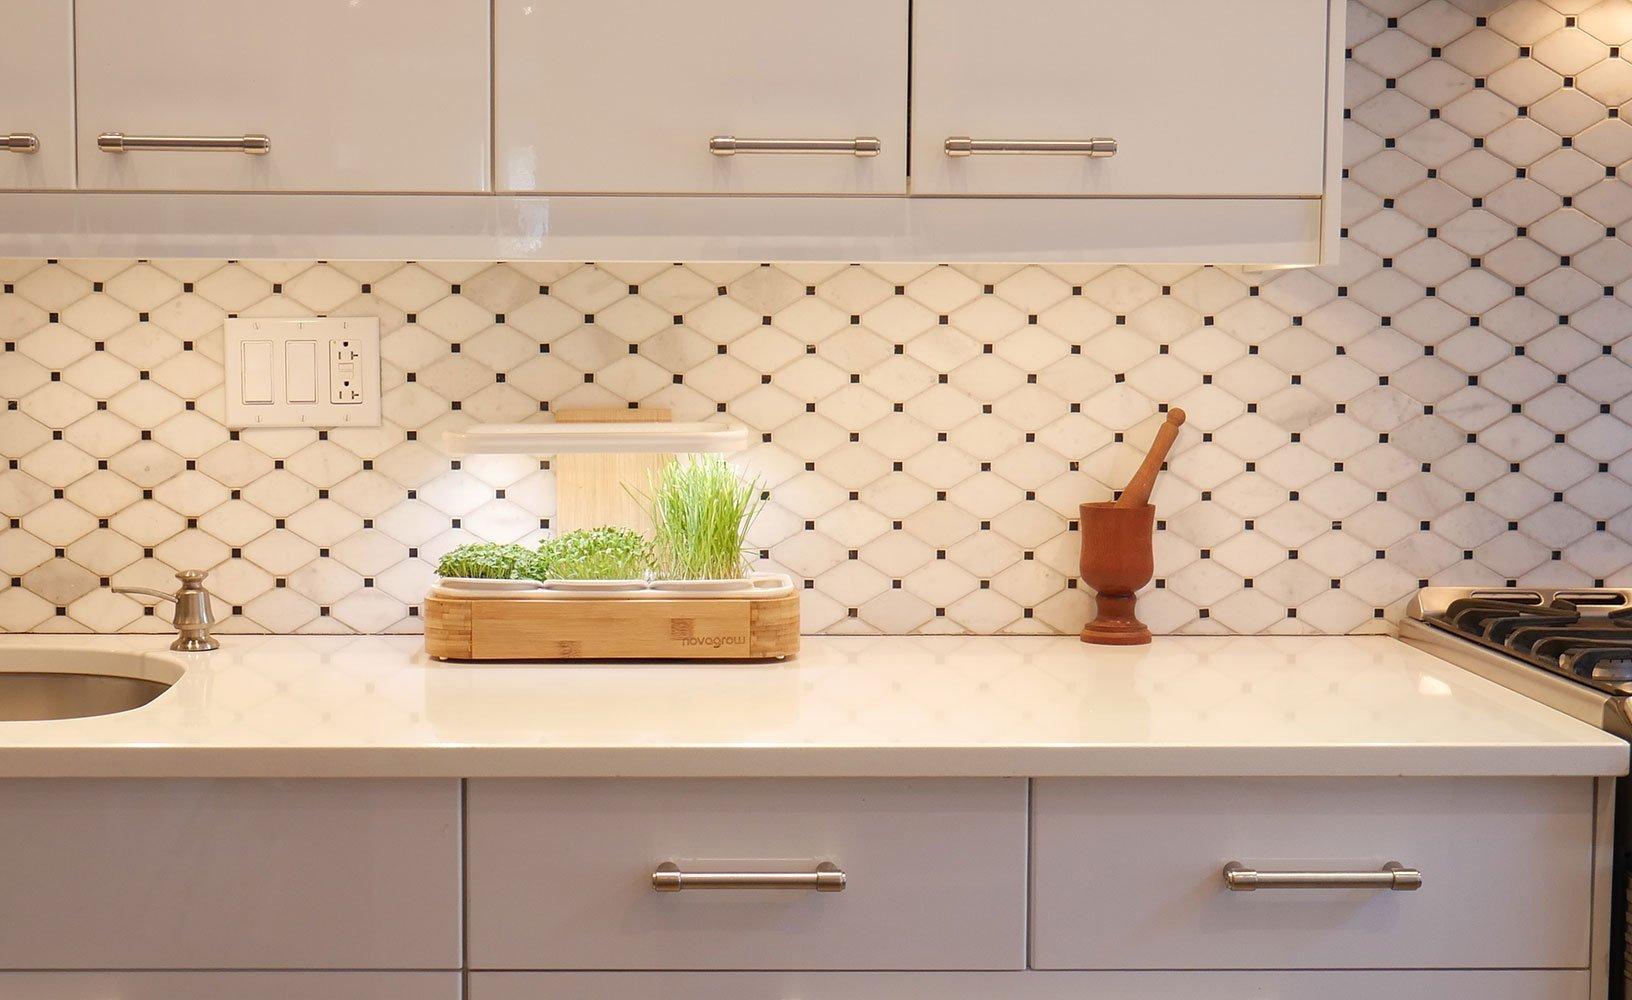 Image du novagrow comptoir 1 étage déposé contre le mur d'une jolie cuisine